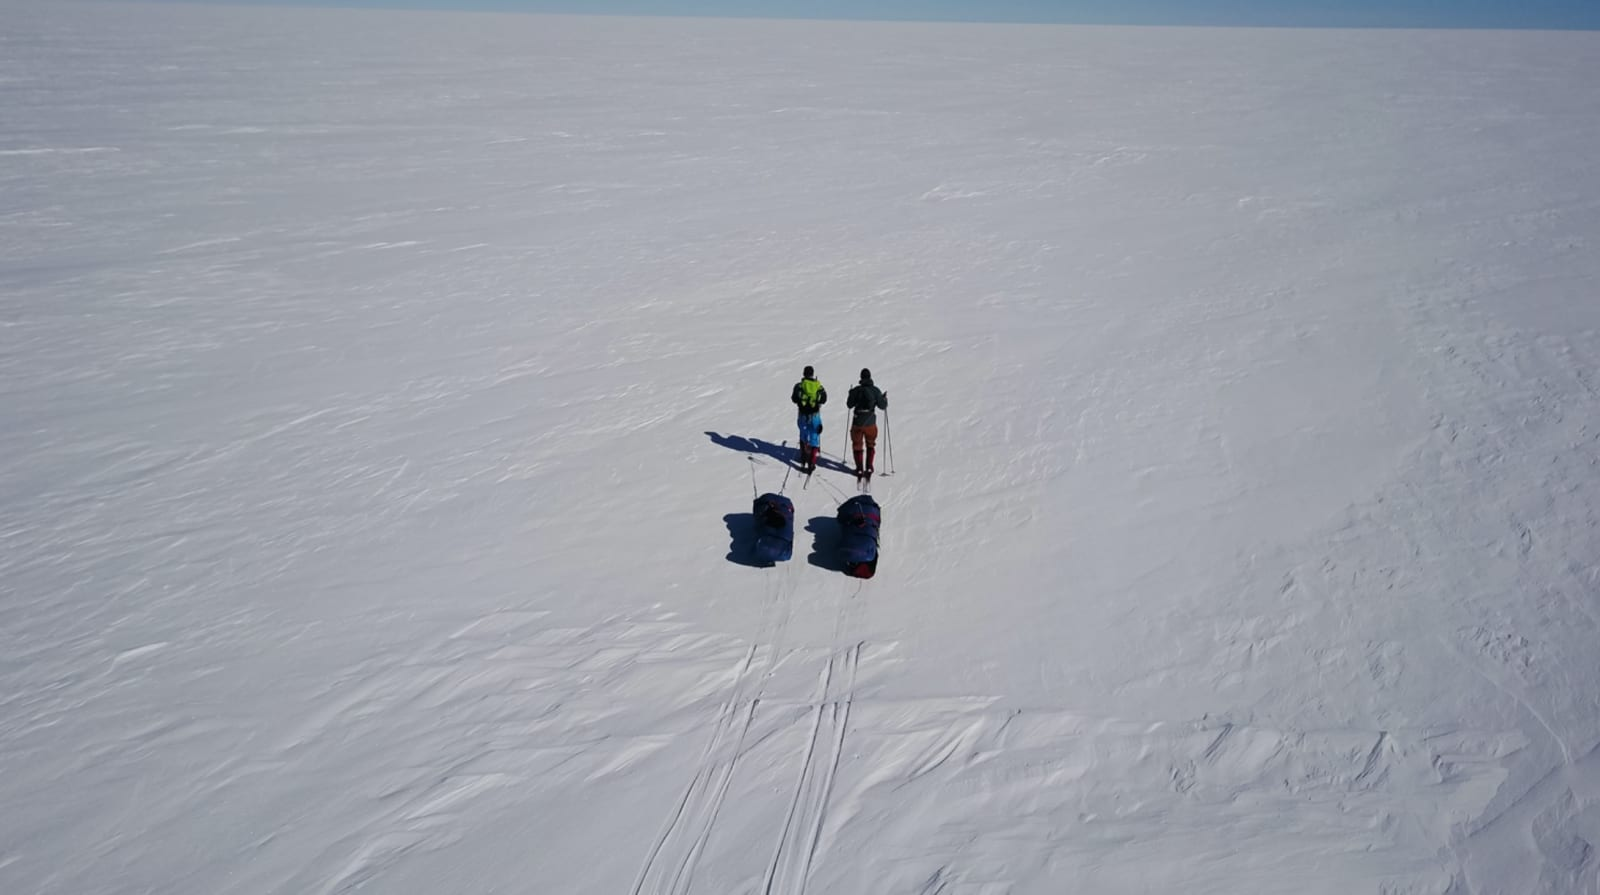 PÅ DET HVITE LERRETET: I godt driv over Grønlandsisen, på en av svært få finværsdager. Imidlertid er det finværsdagene som gir de kaldeste nettene, noe som gjorde at man virkelig satte pris på solen på dagtid.